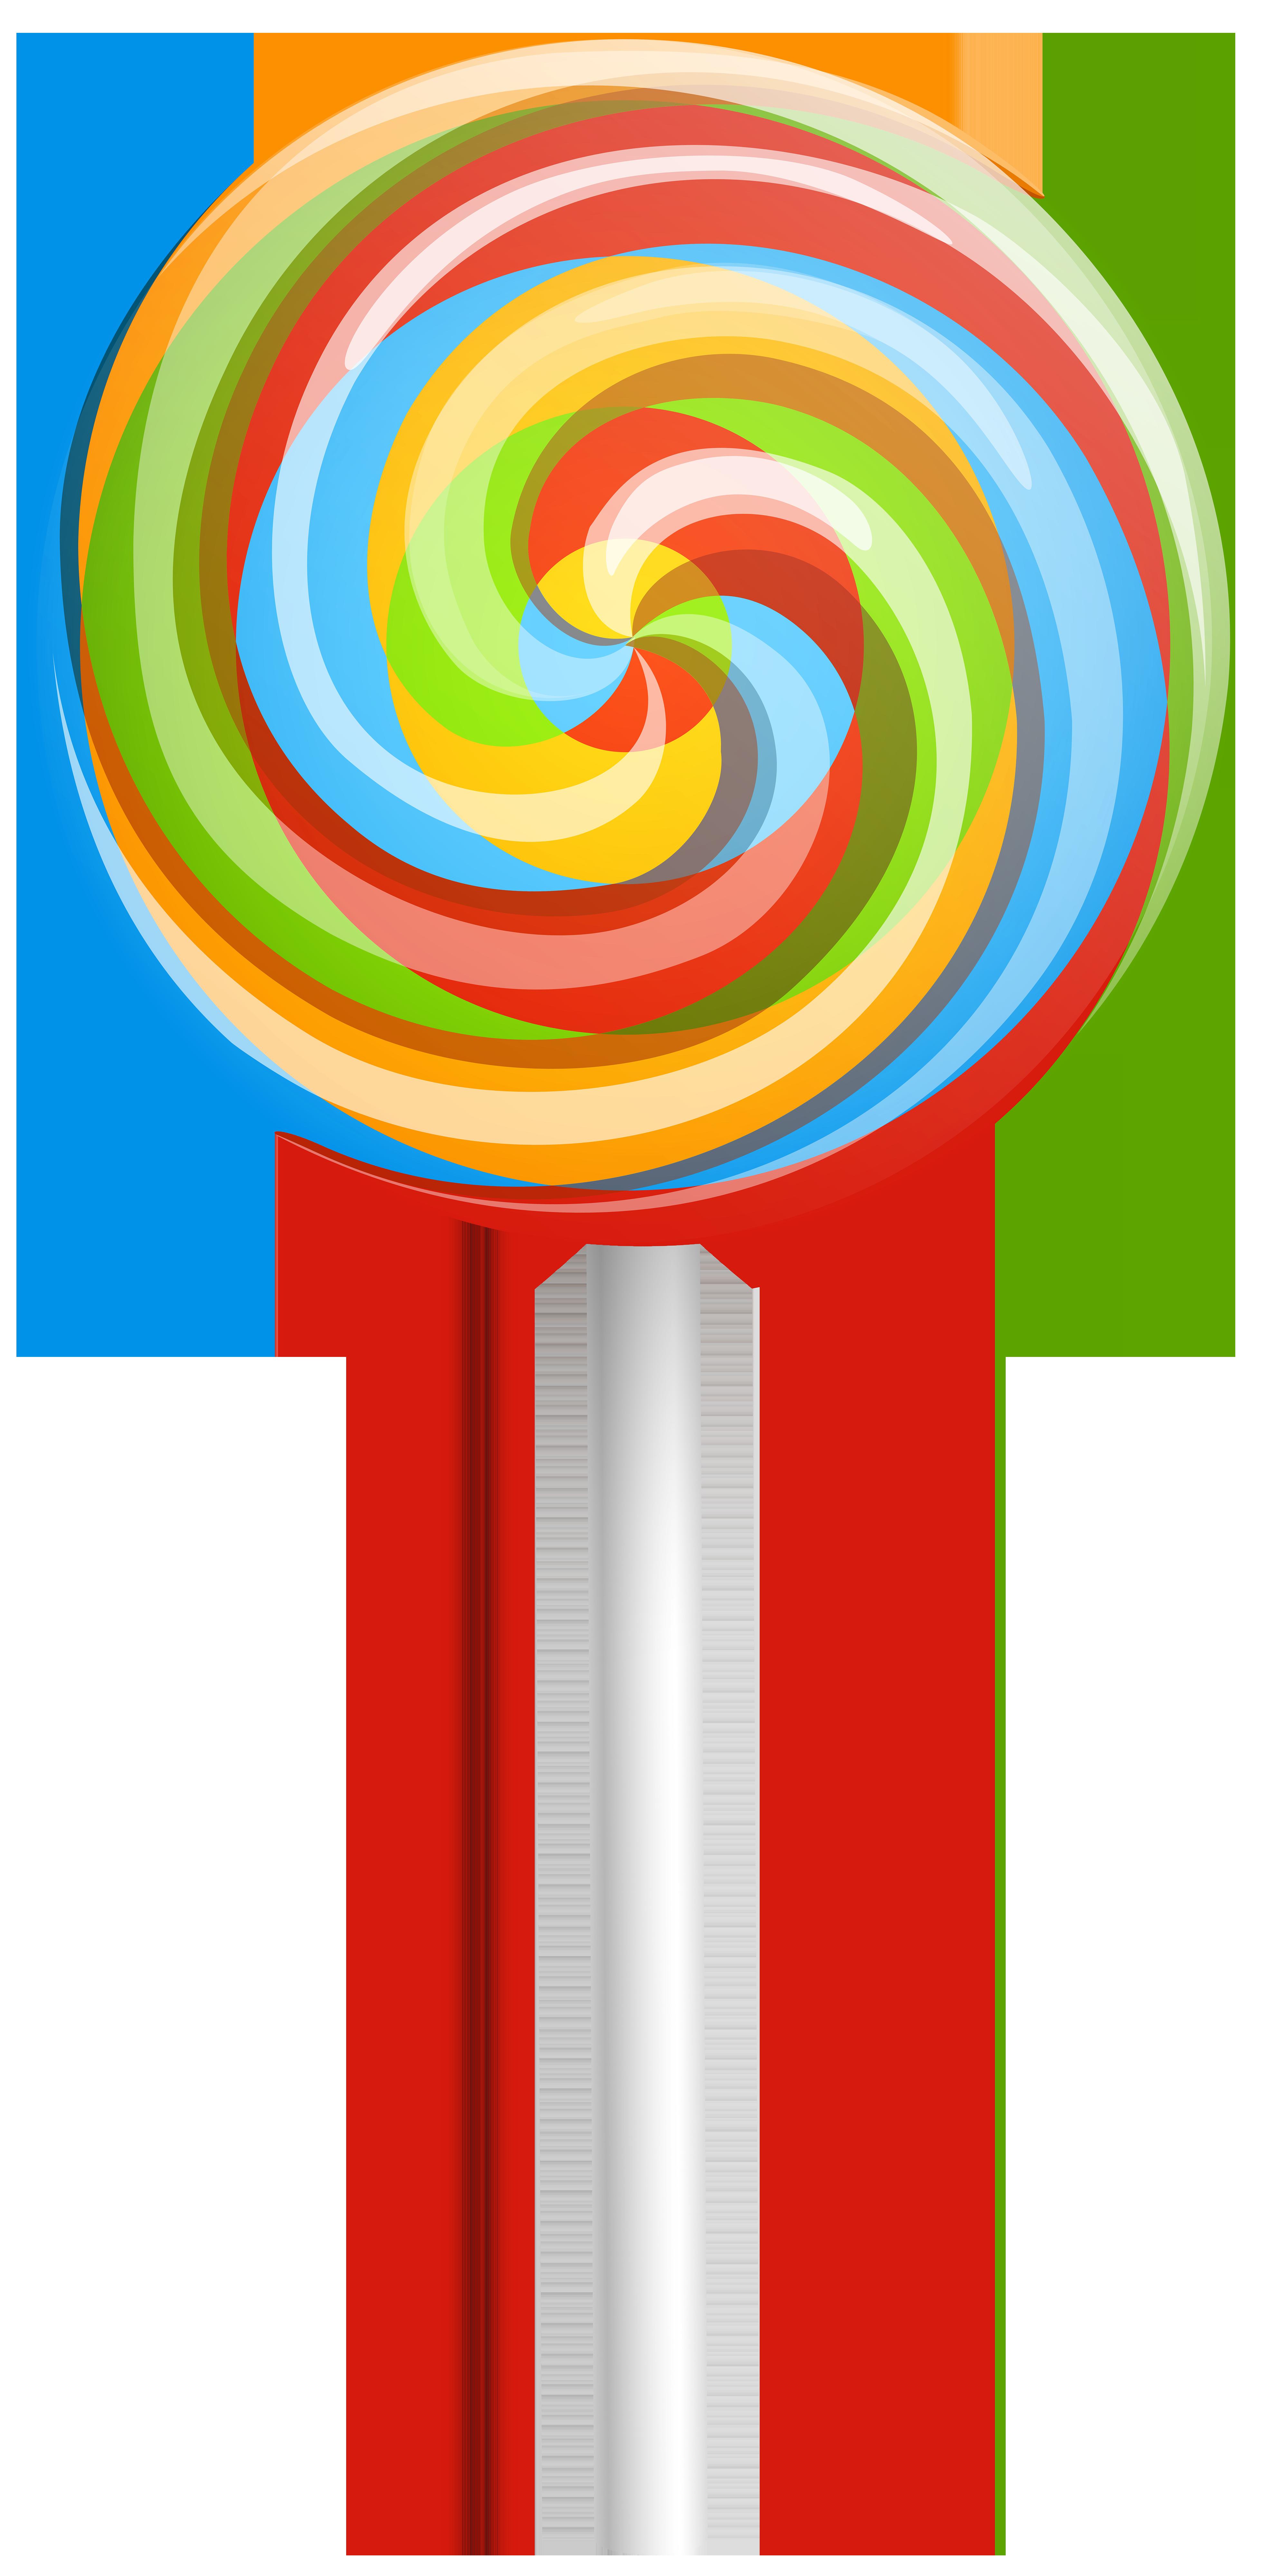 Lollipop clipart. Free pictures clipartix